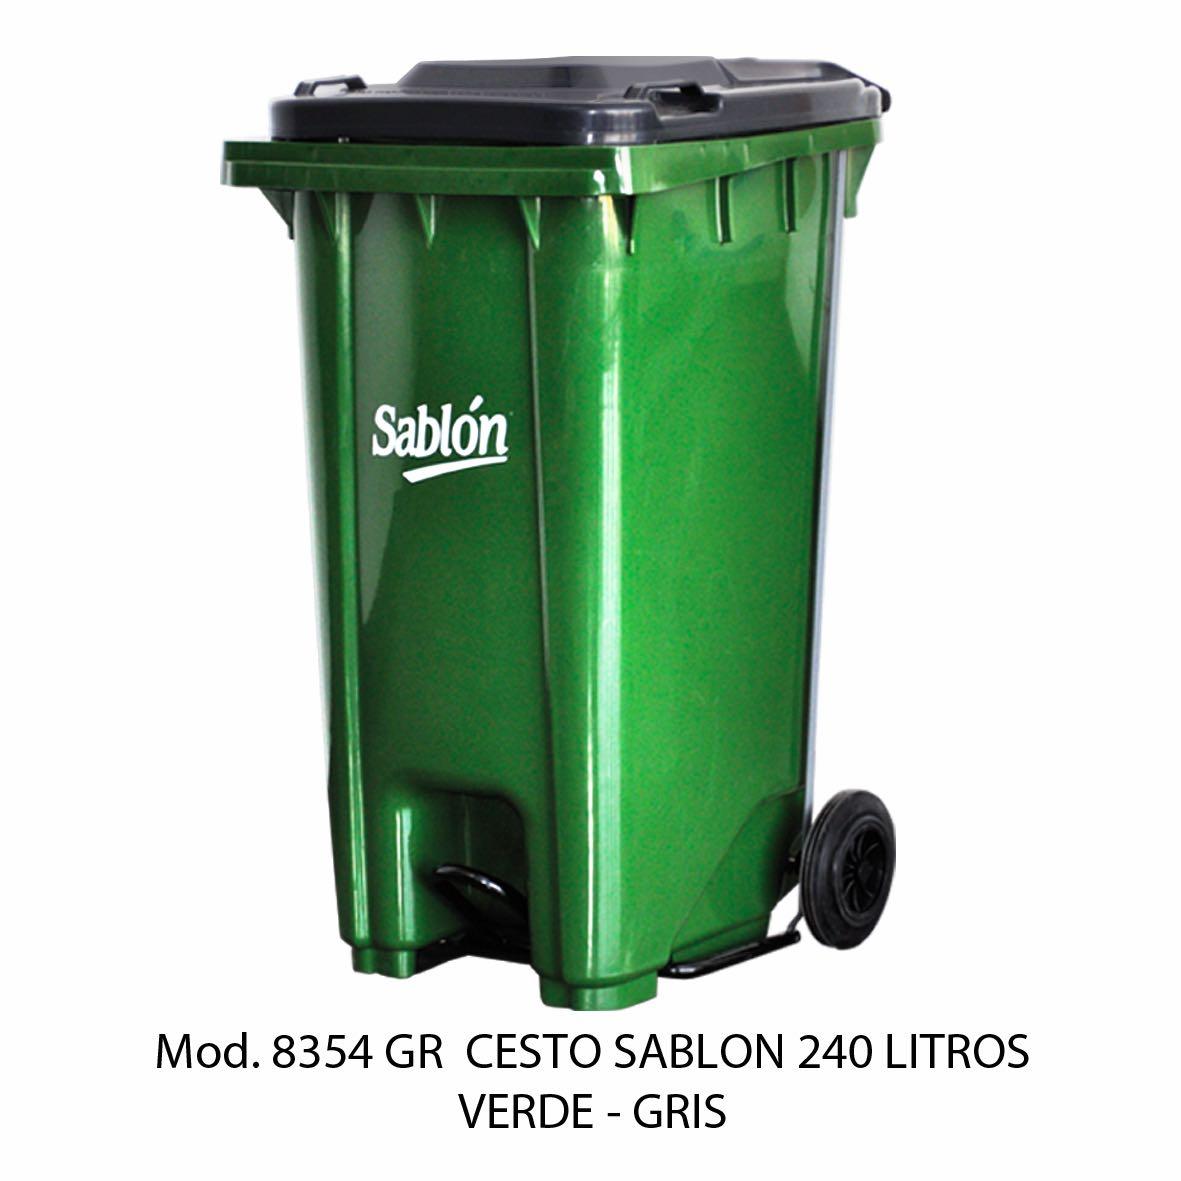 Contenedor de gran capacidad con cuerpo verde y tapa gris - Modelo 8354 GR - Sablón